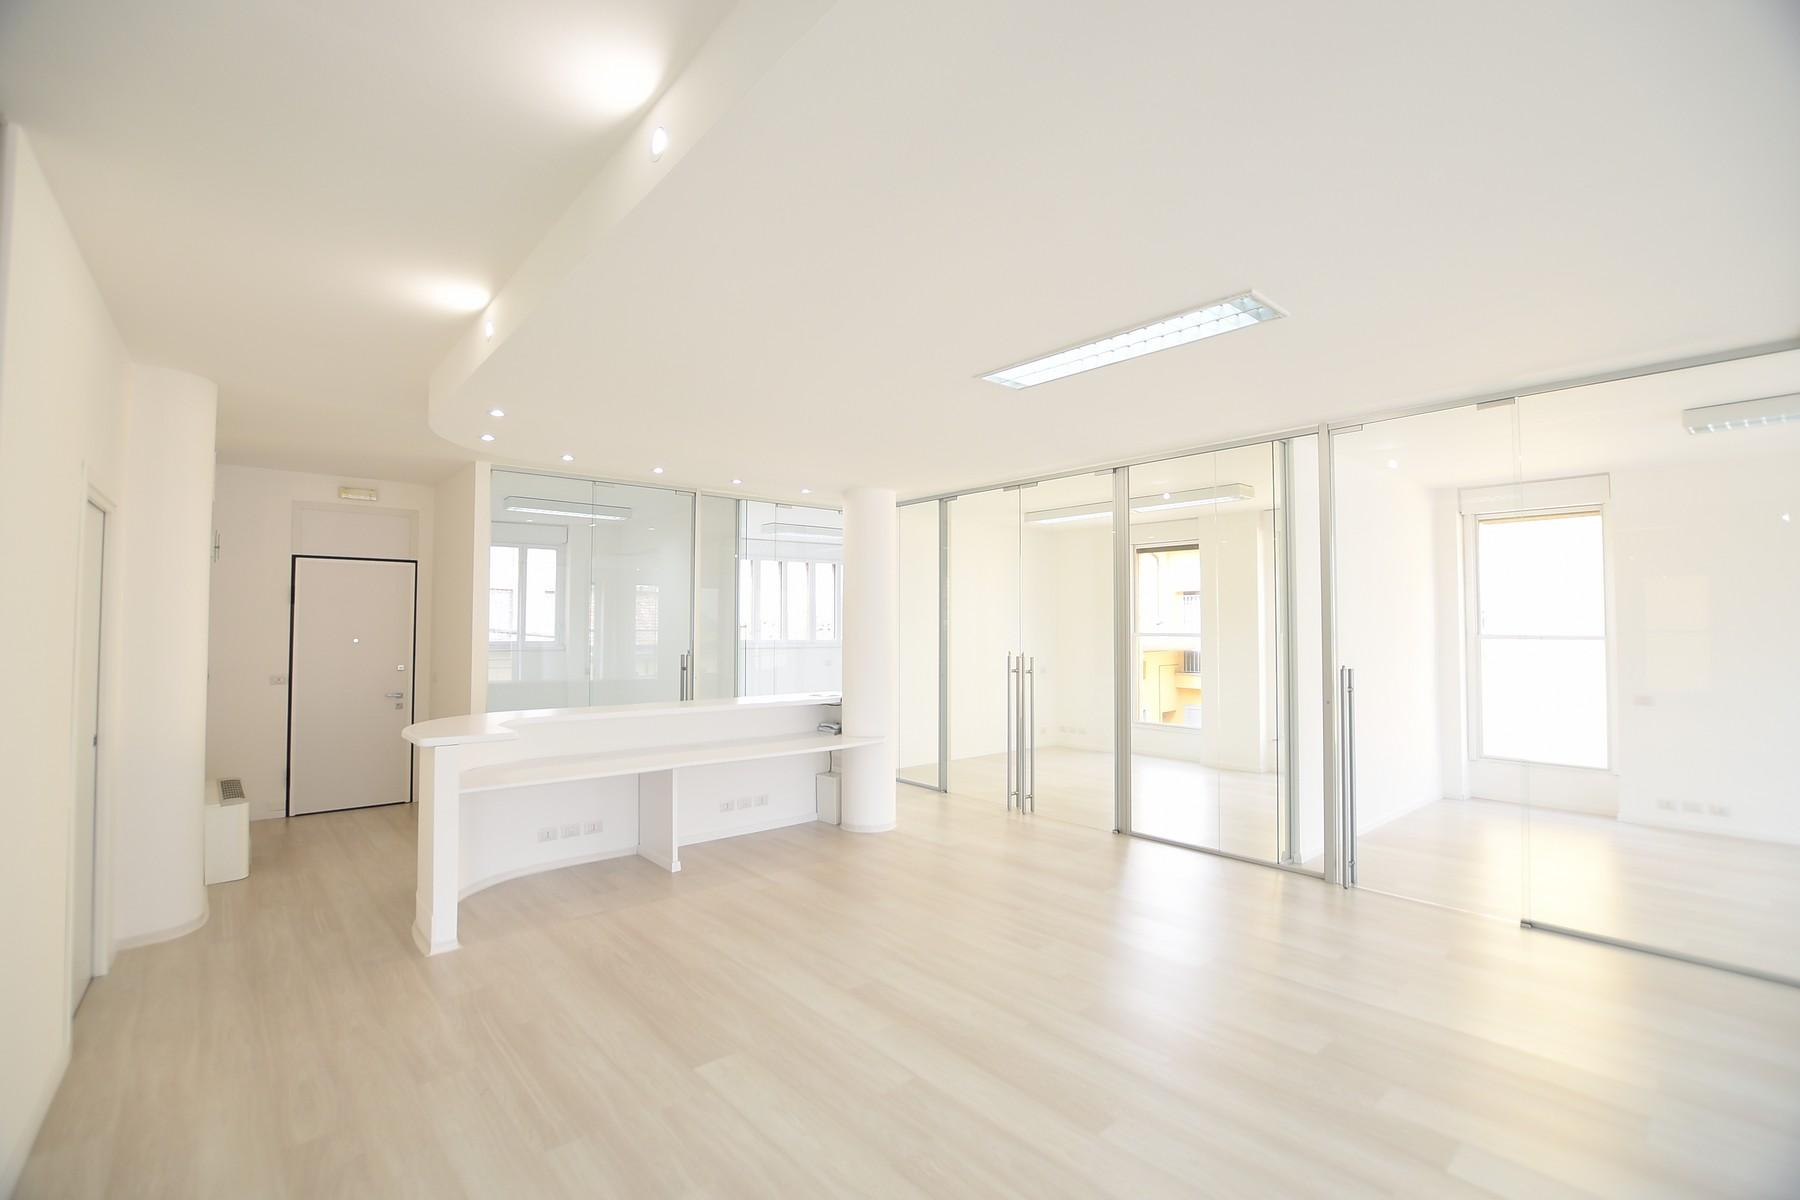 Ufficio-studio in Vendita a Como: 0 locali, 190 mq - Foto 2